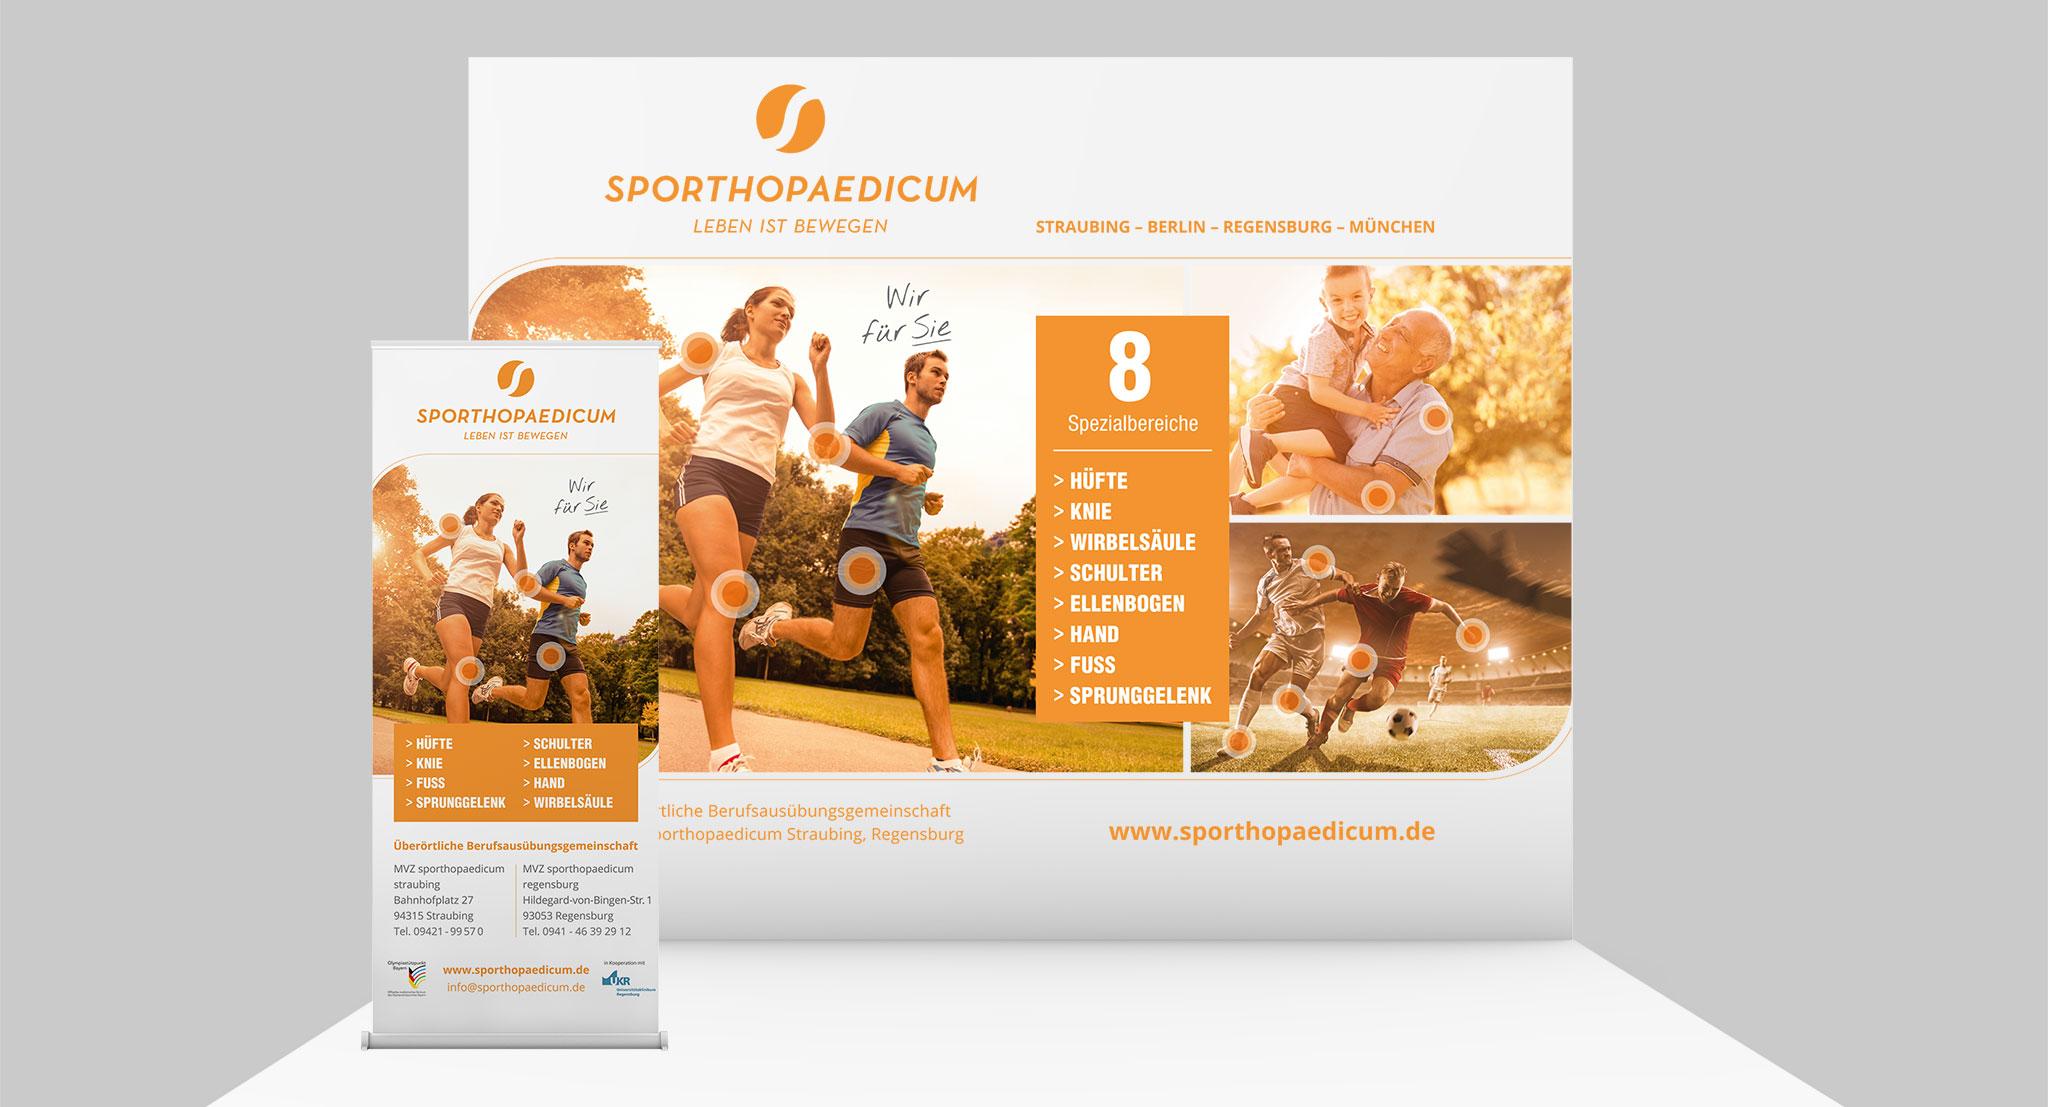 Messeaufritt sporthopaedicum | Agentur Ritter